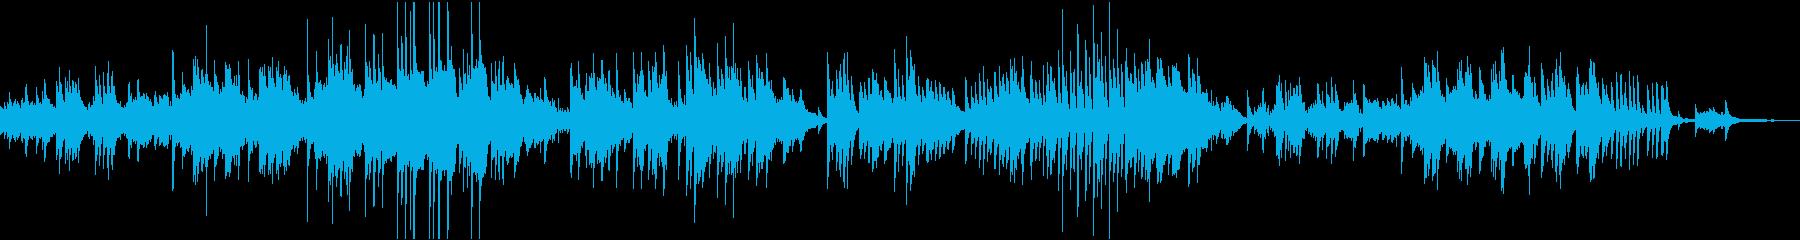 ドビュッシーのレヴリ ピアノソロの再生済みの波形